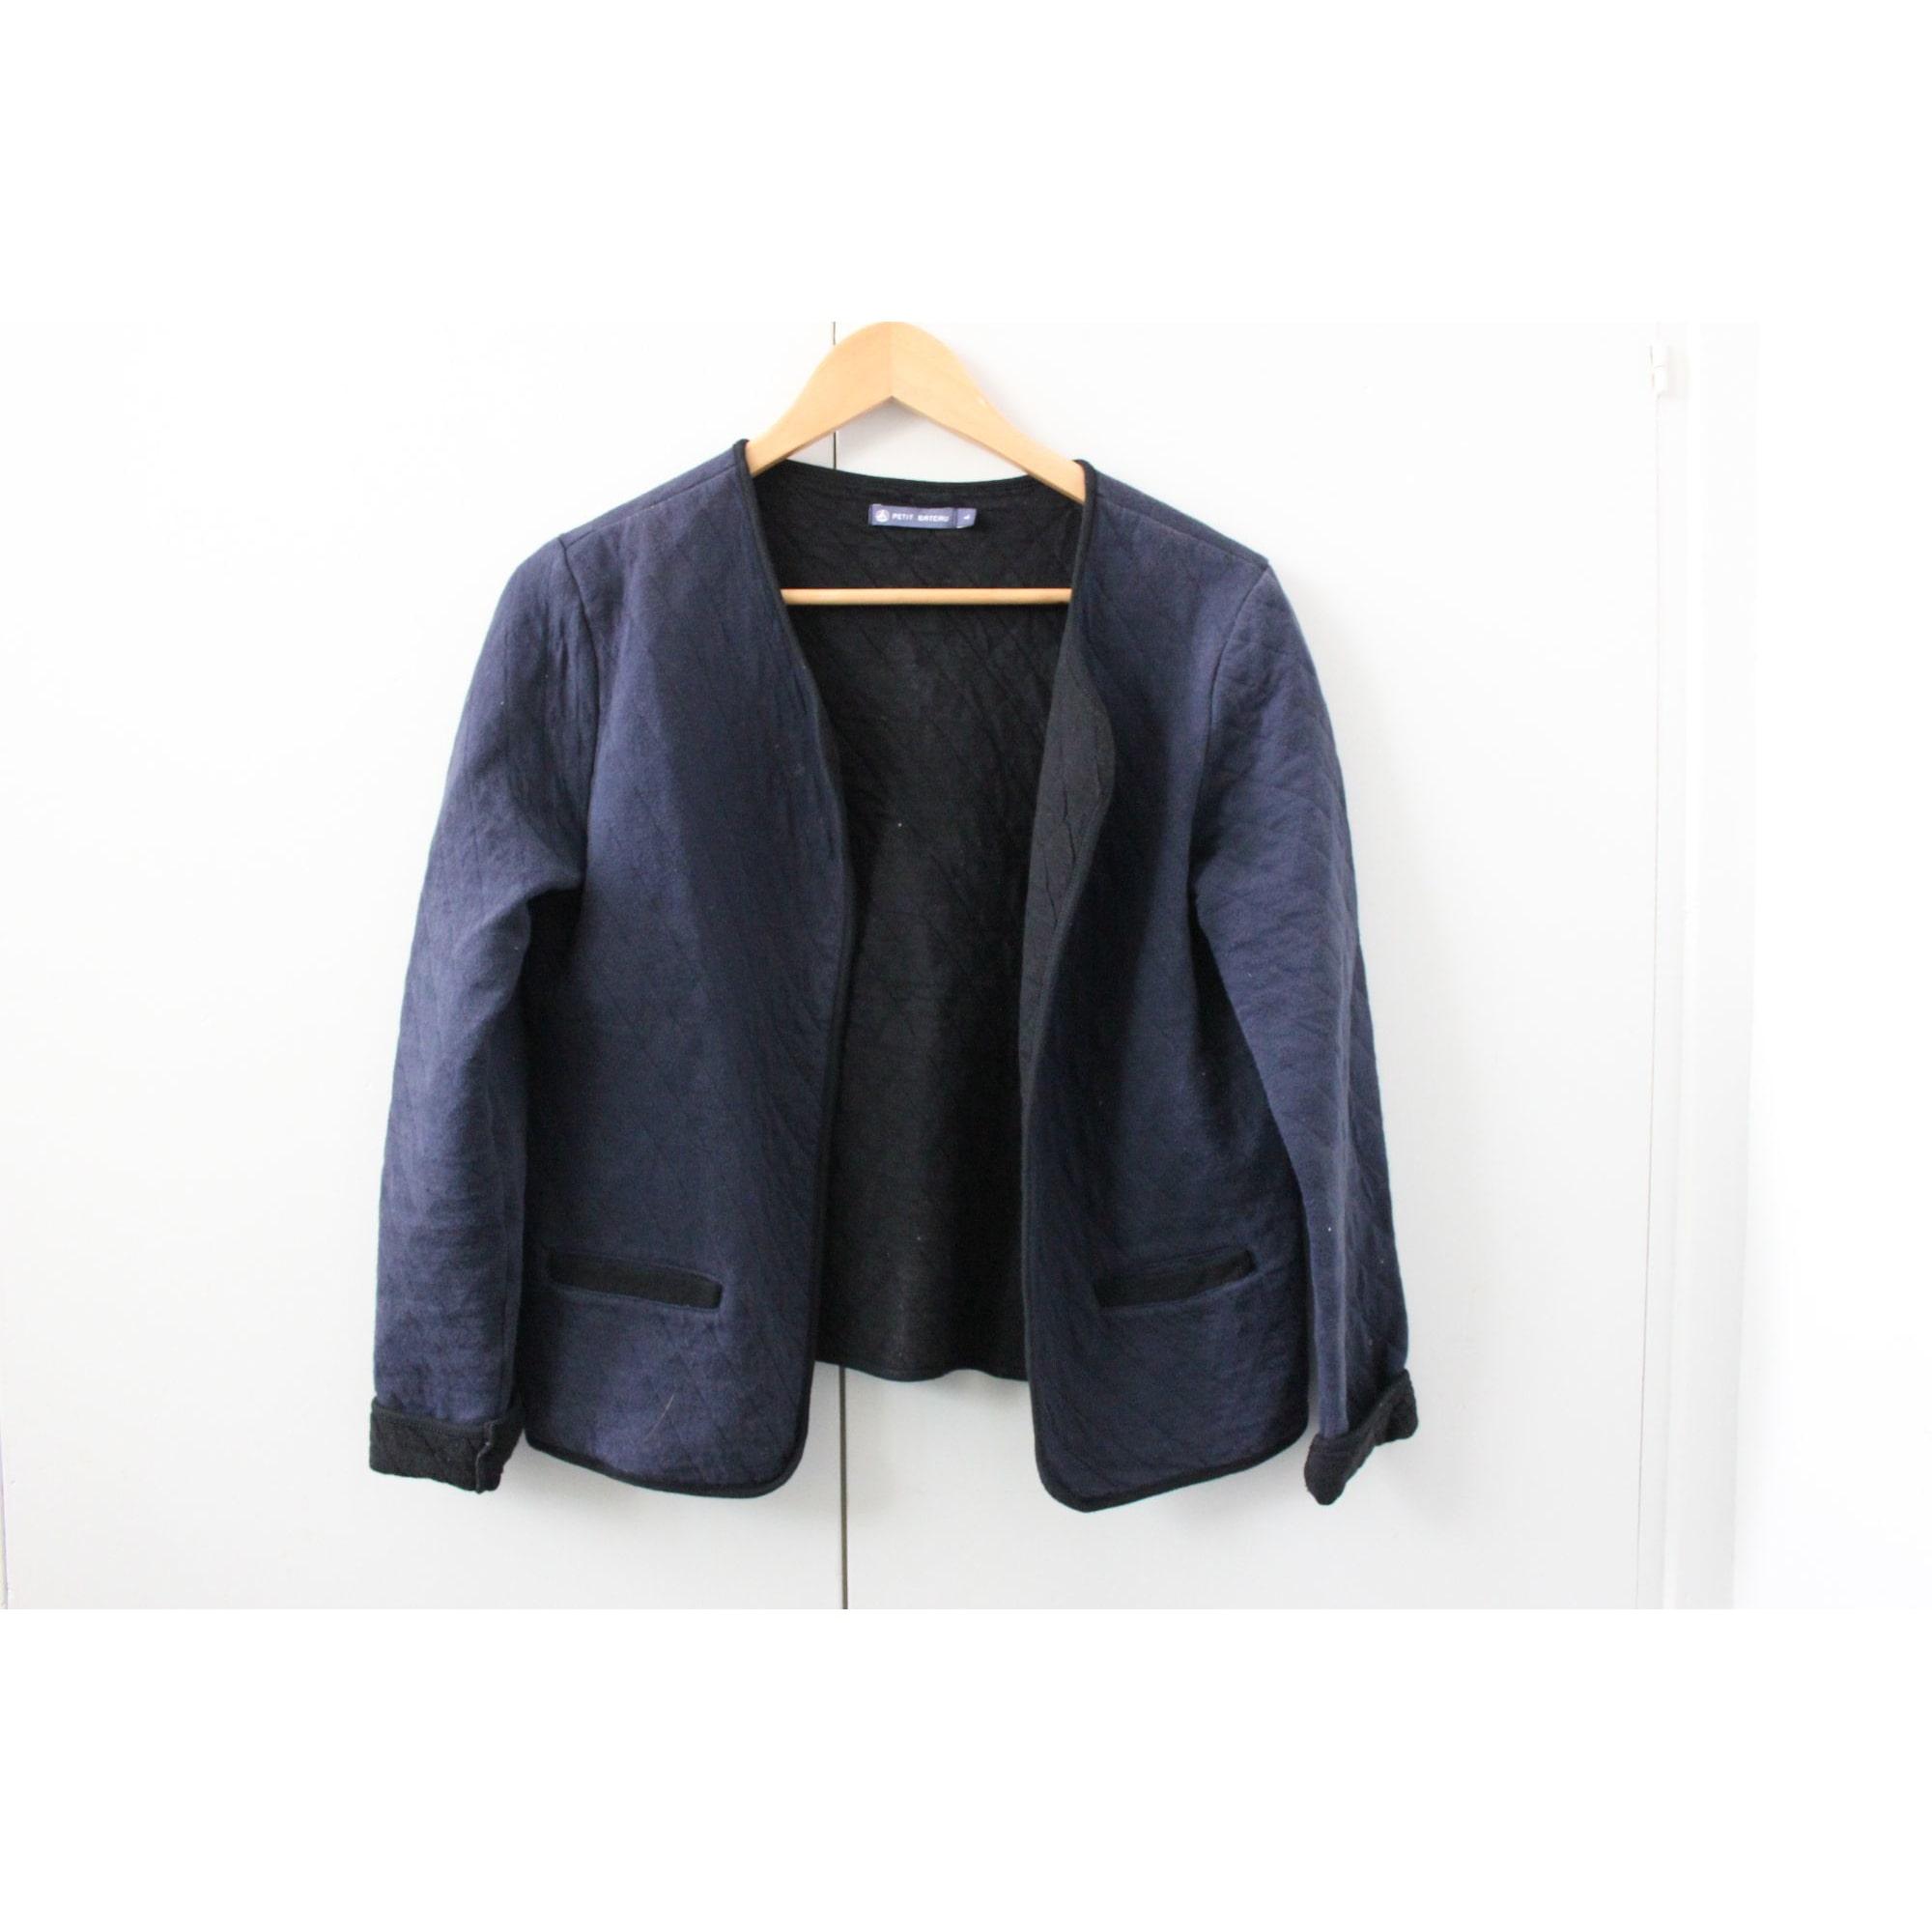 Gilet, cardigan PETIT BATEAU Bleu, bleu marine, bleu turquoise